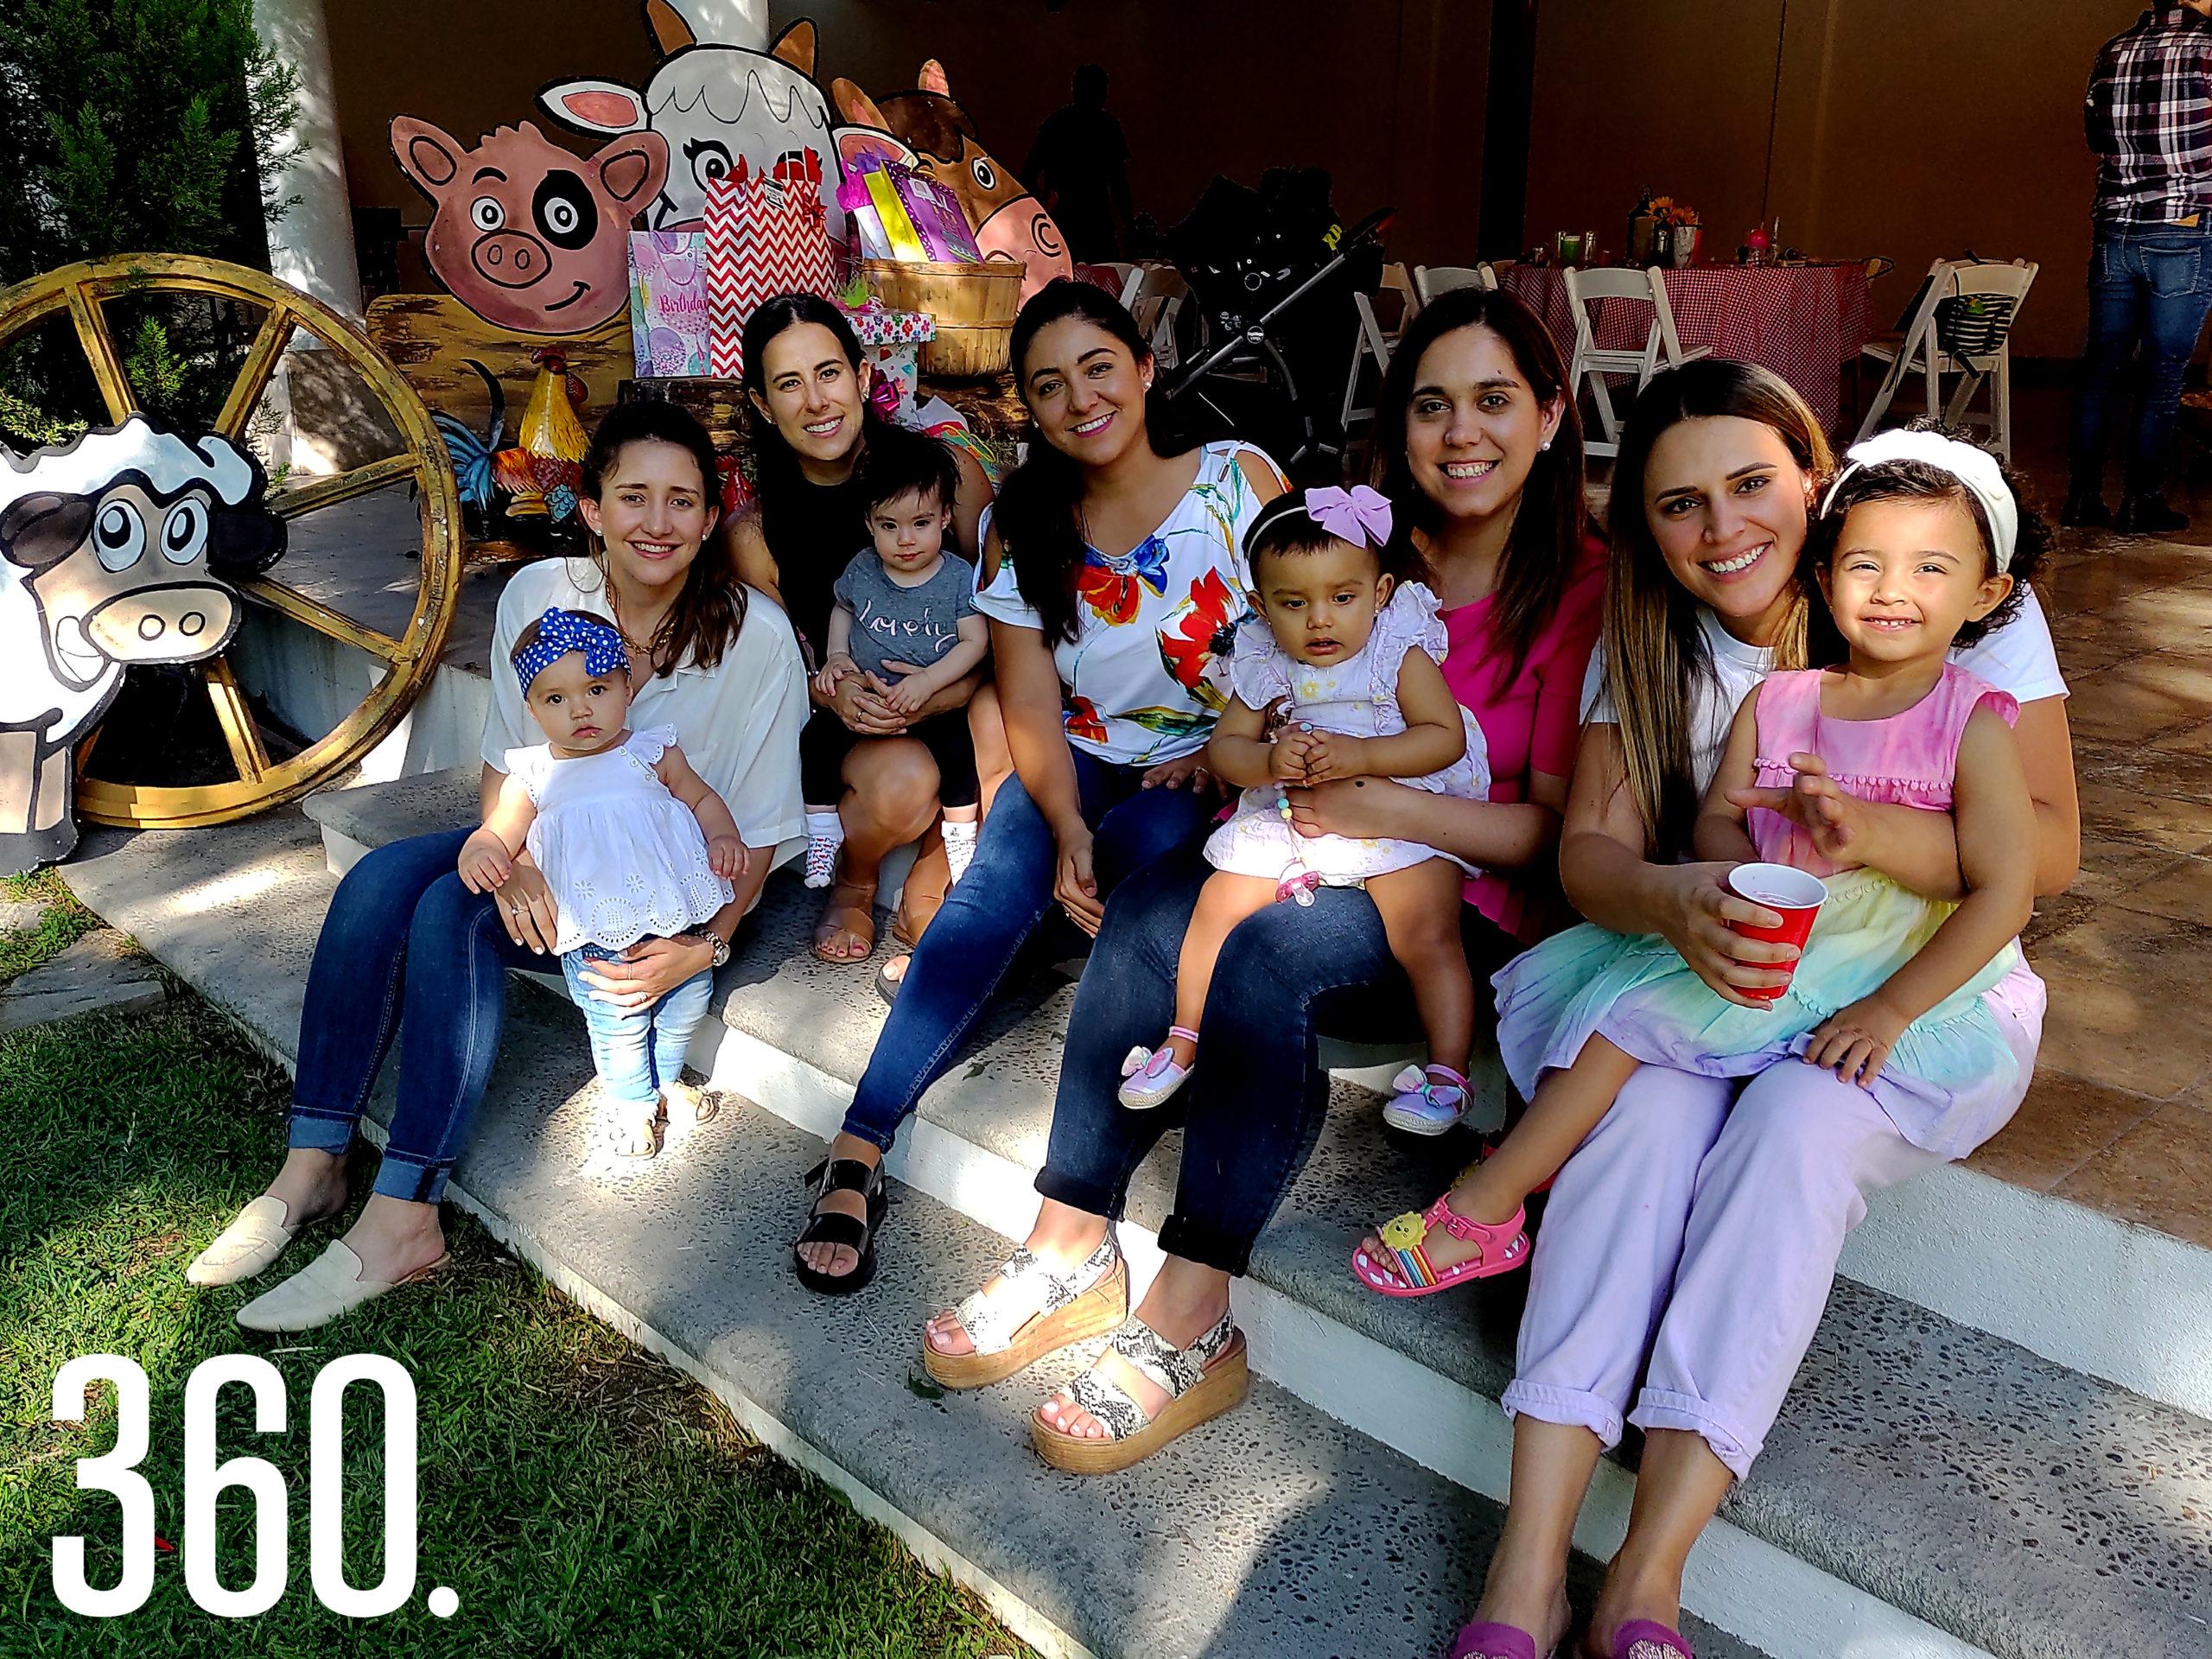 Lorena Elizondo, Loretta López, Andrea Jiménez, Elena Alanís, Diana Ramírez, Mariana de las Fuentes, Romina Pérez, Cristina Dávila y Cristy Pérez.